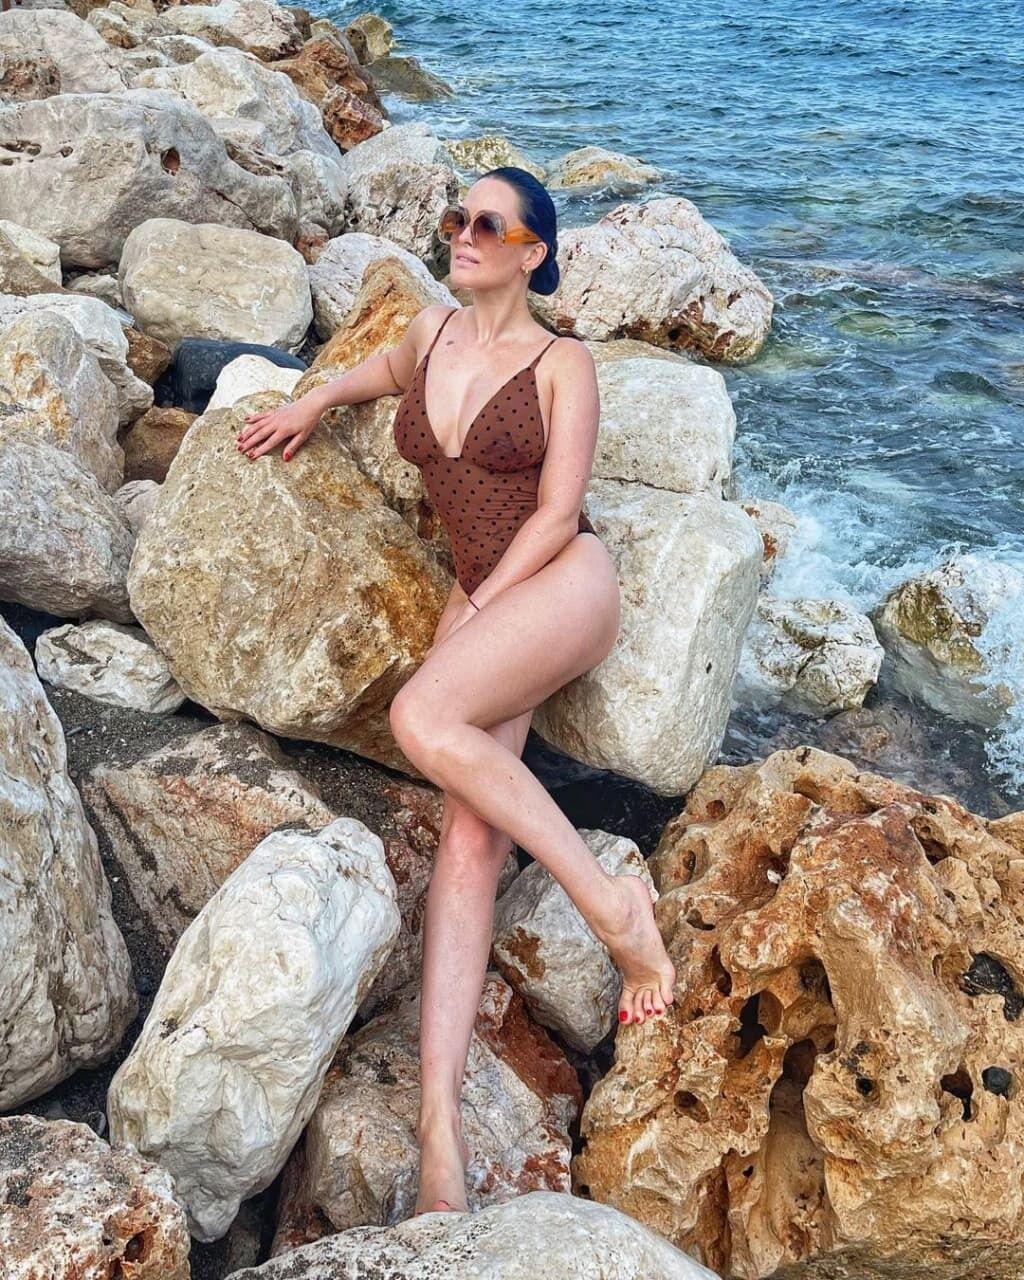 Астаф'єва з'явилася в купальнику.